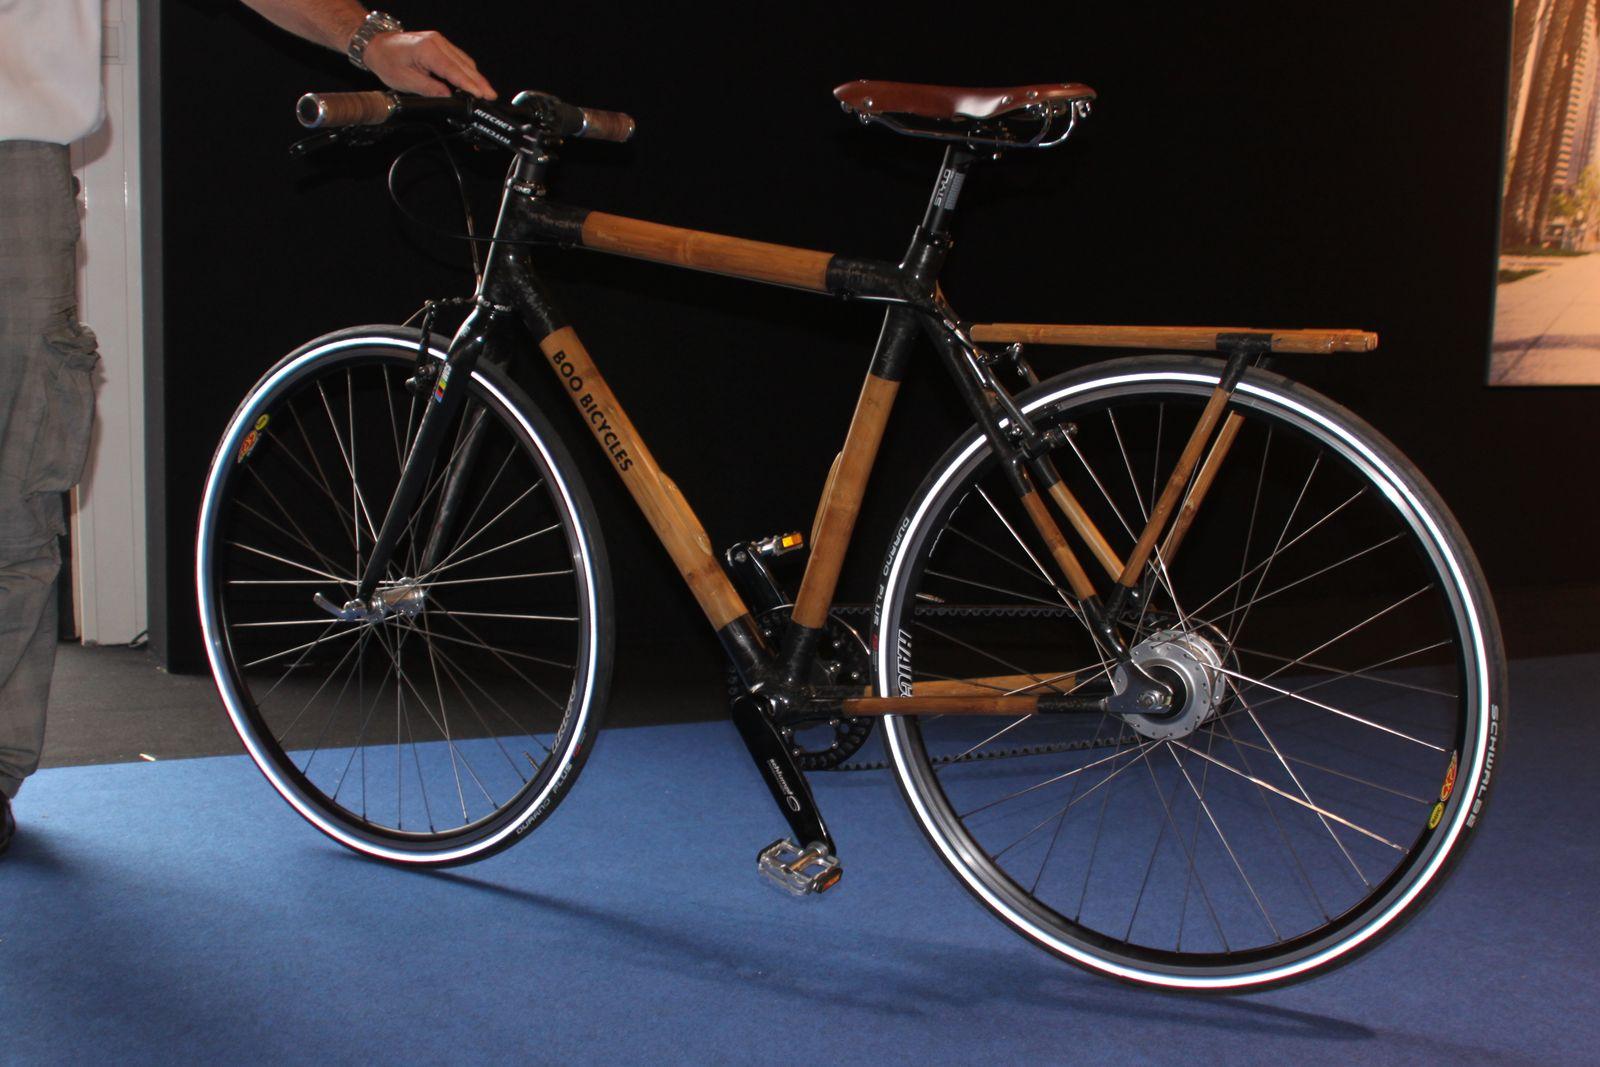 Tourenfahrrad / Haberstock und Boo bicycles